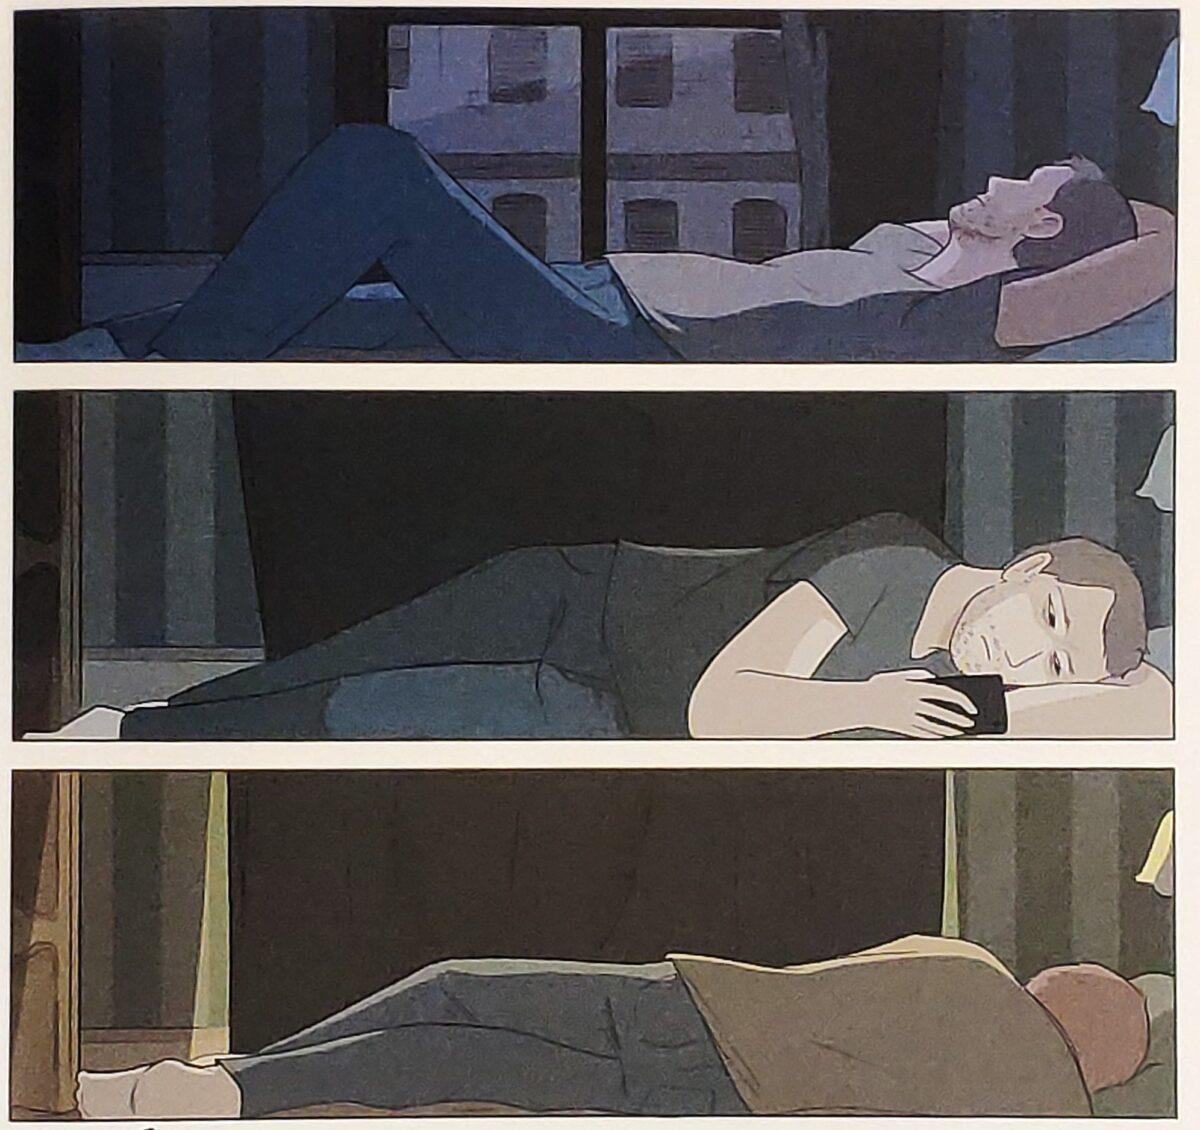 Mio caro fumetto... - Notti insonni in preda all'angoscia